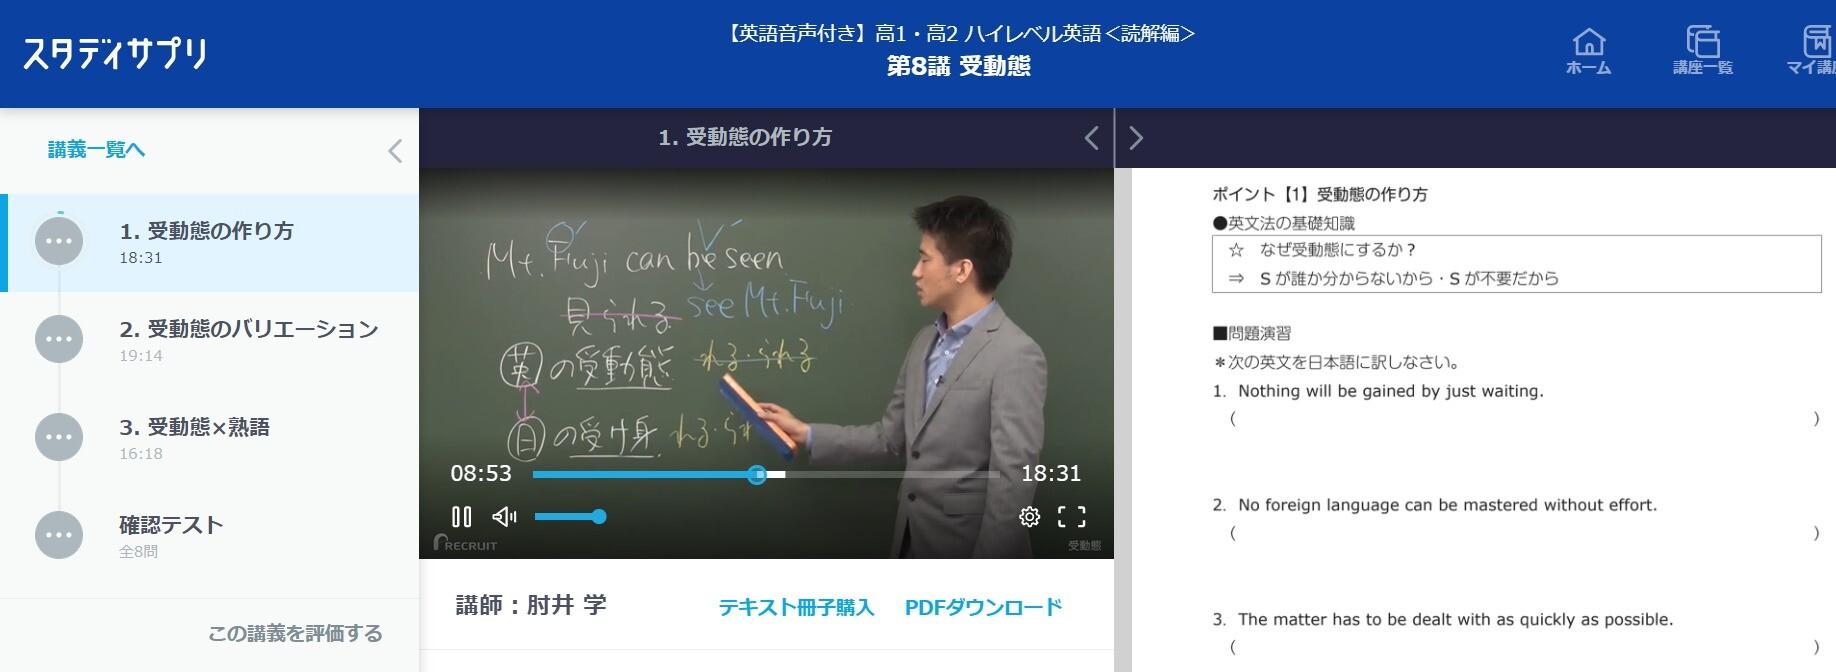 高1・高2ハイレベル英語<読解編>の講義とテキスト